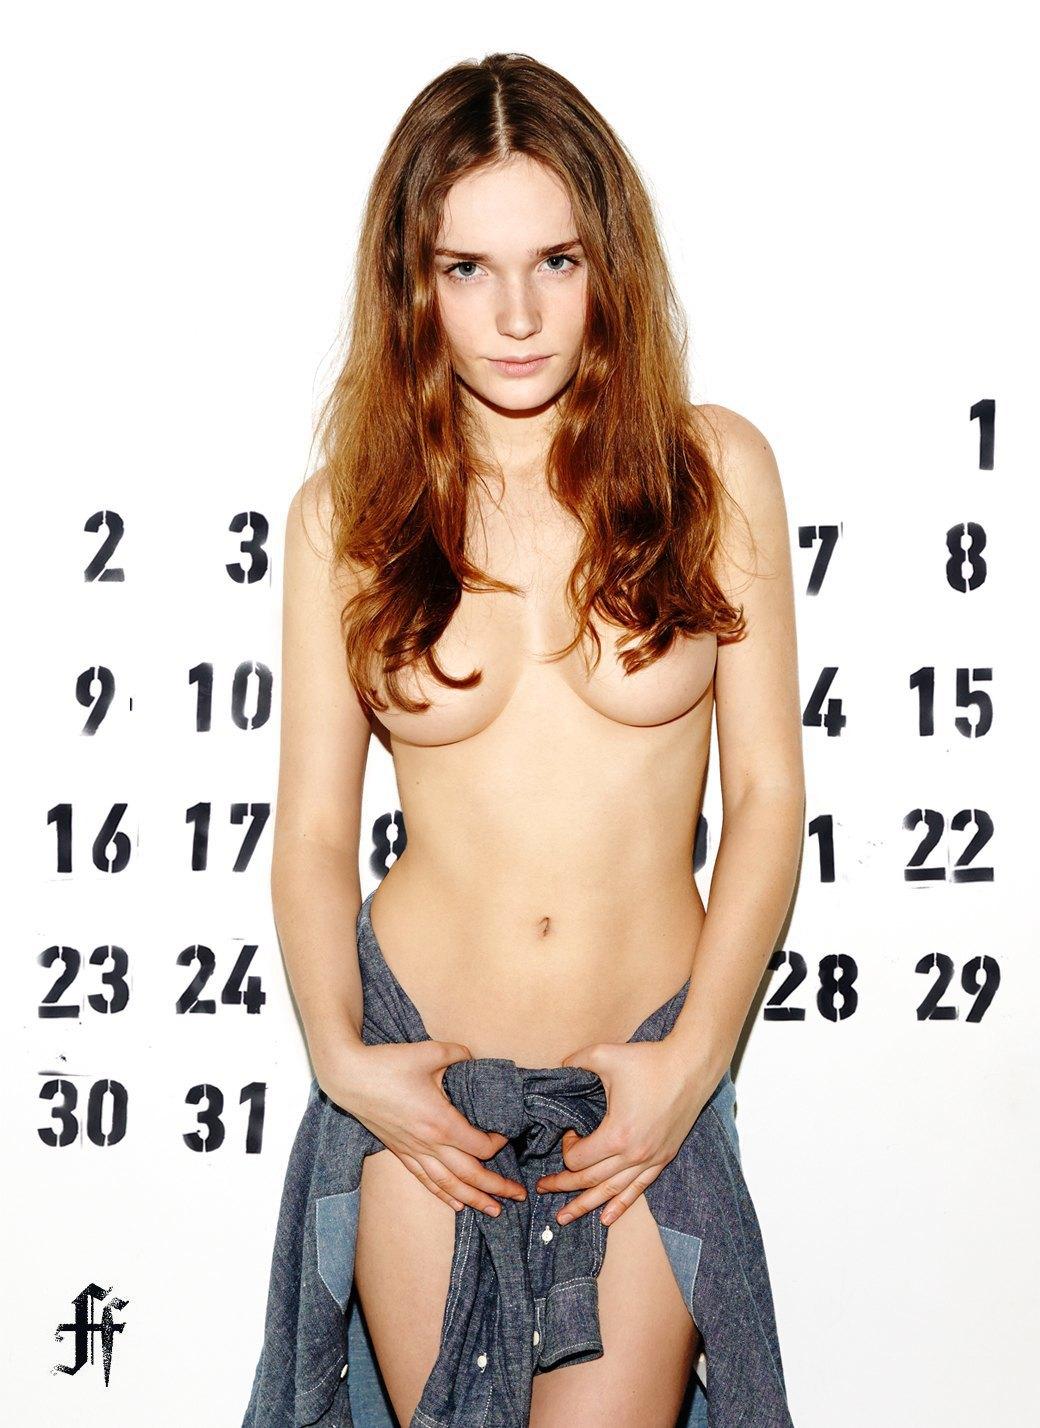 Календарь FURFUR на 2013 год: Декабрь. Изображение № 1.